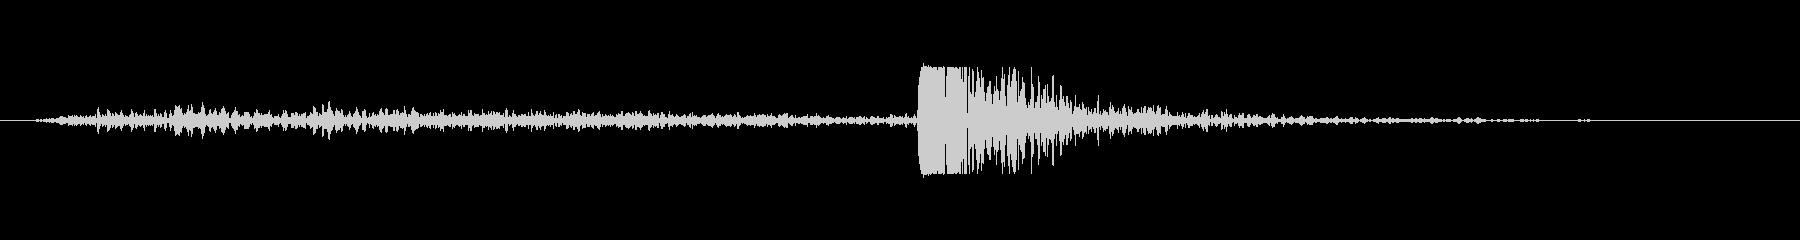 障子を開ける音、速い、激しくバシン!の未再生の波形